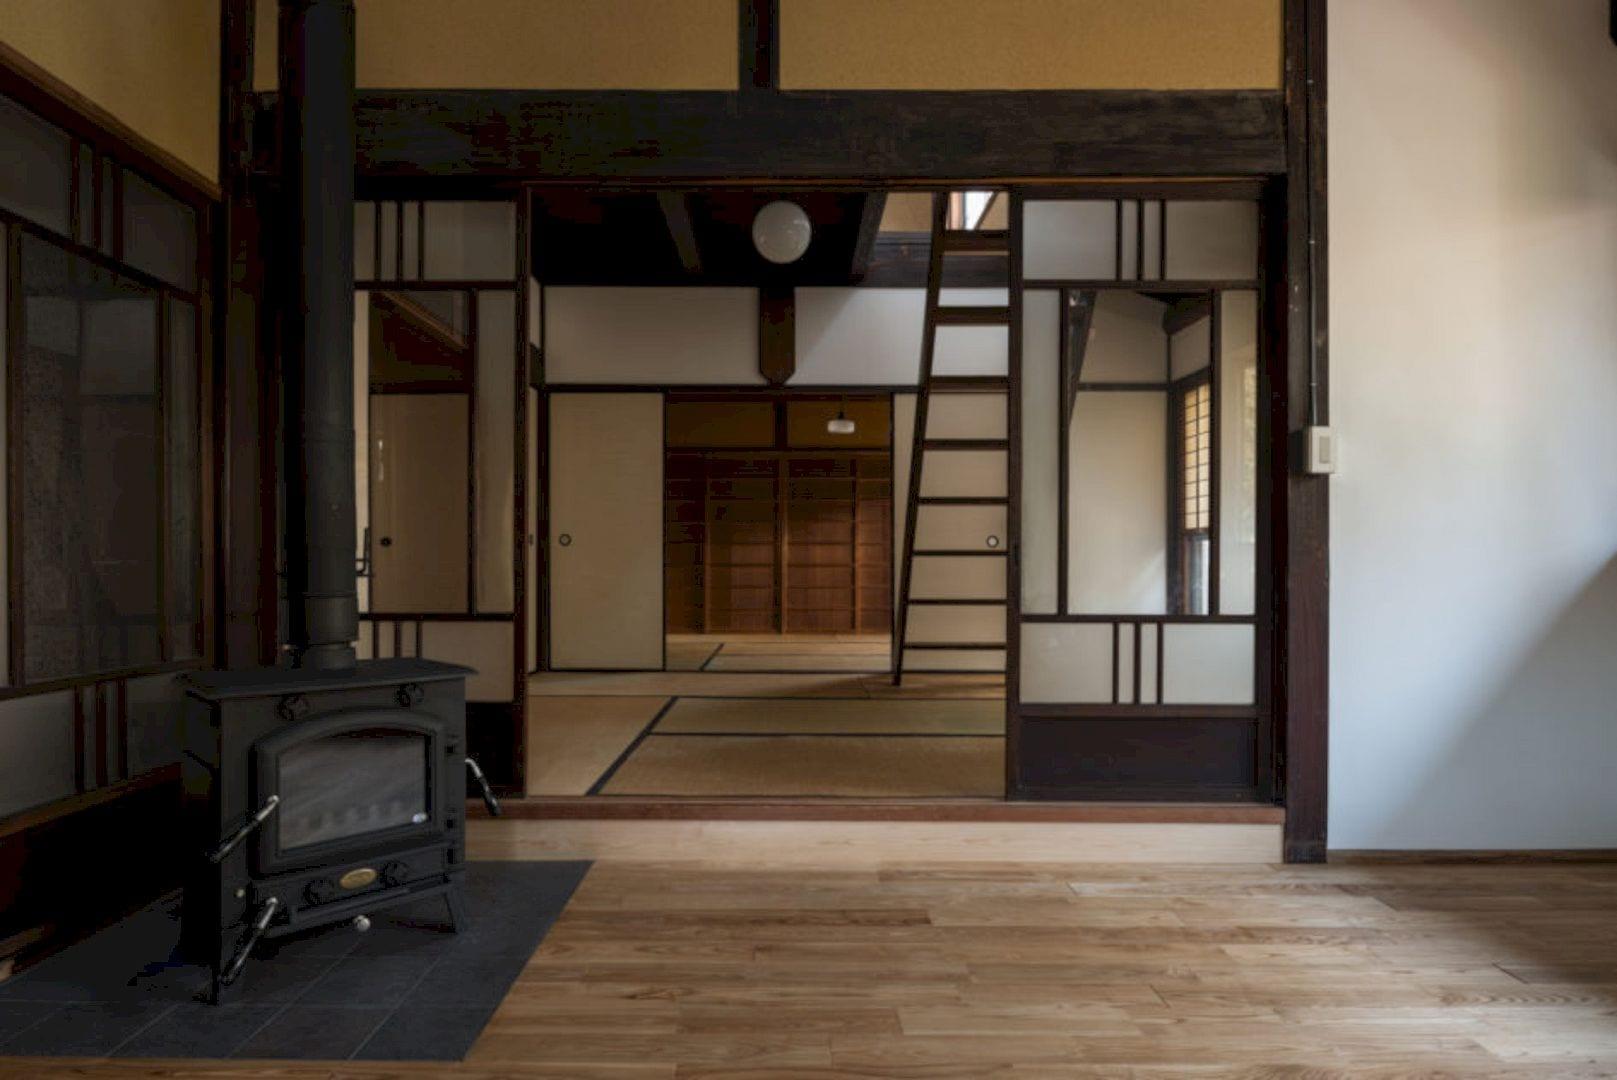 House In Shugaku In By Kazuya Morita Architecture Studio 9